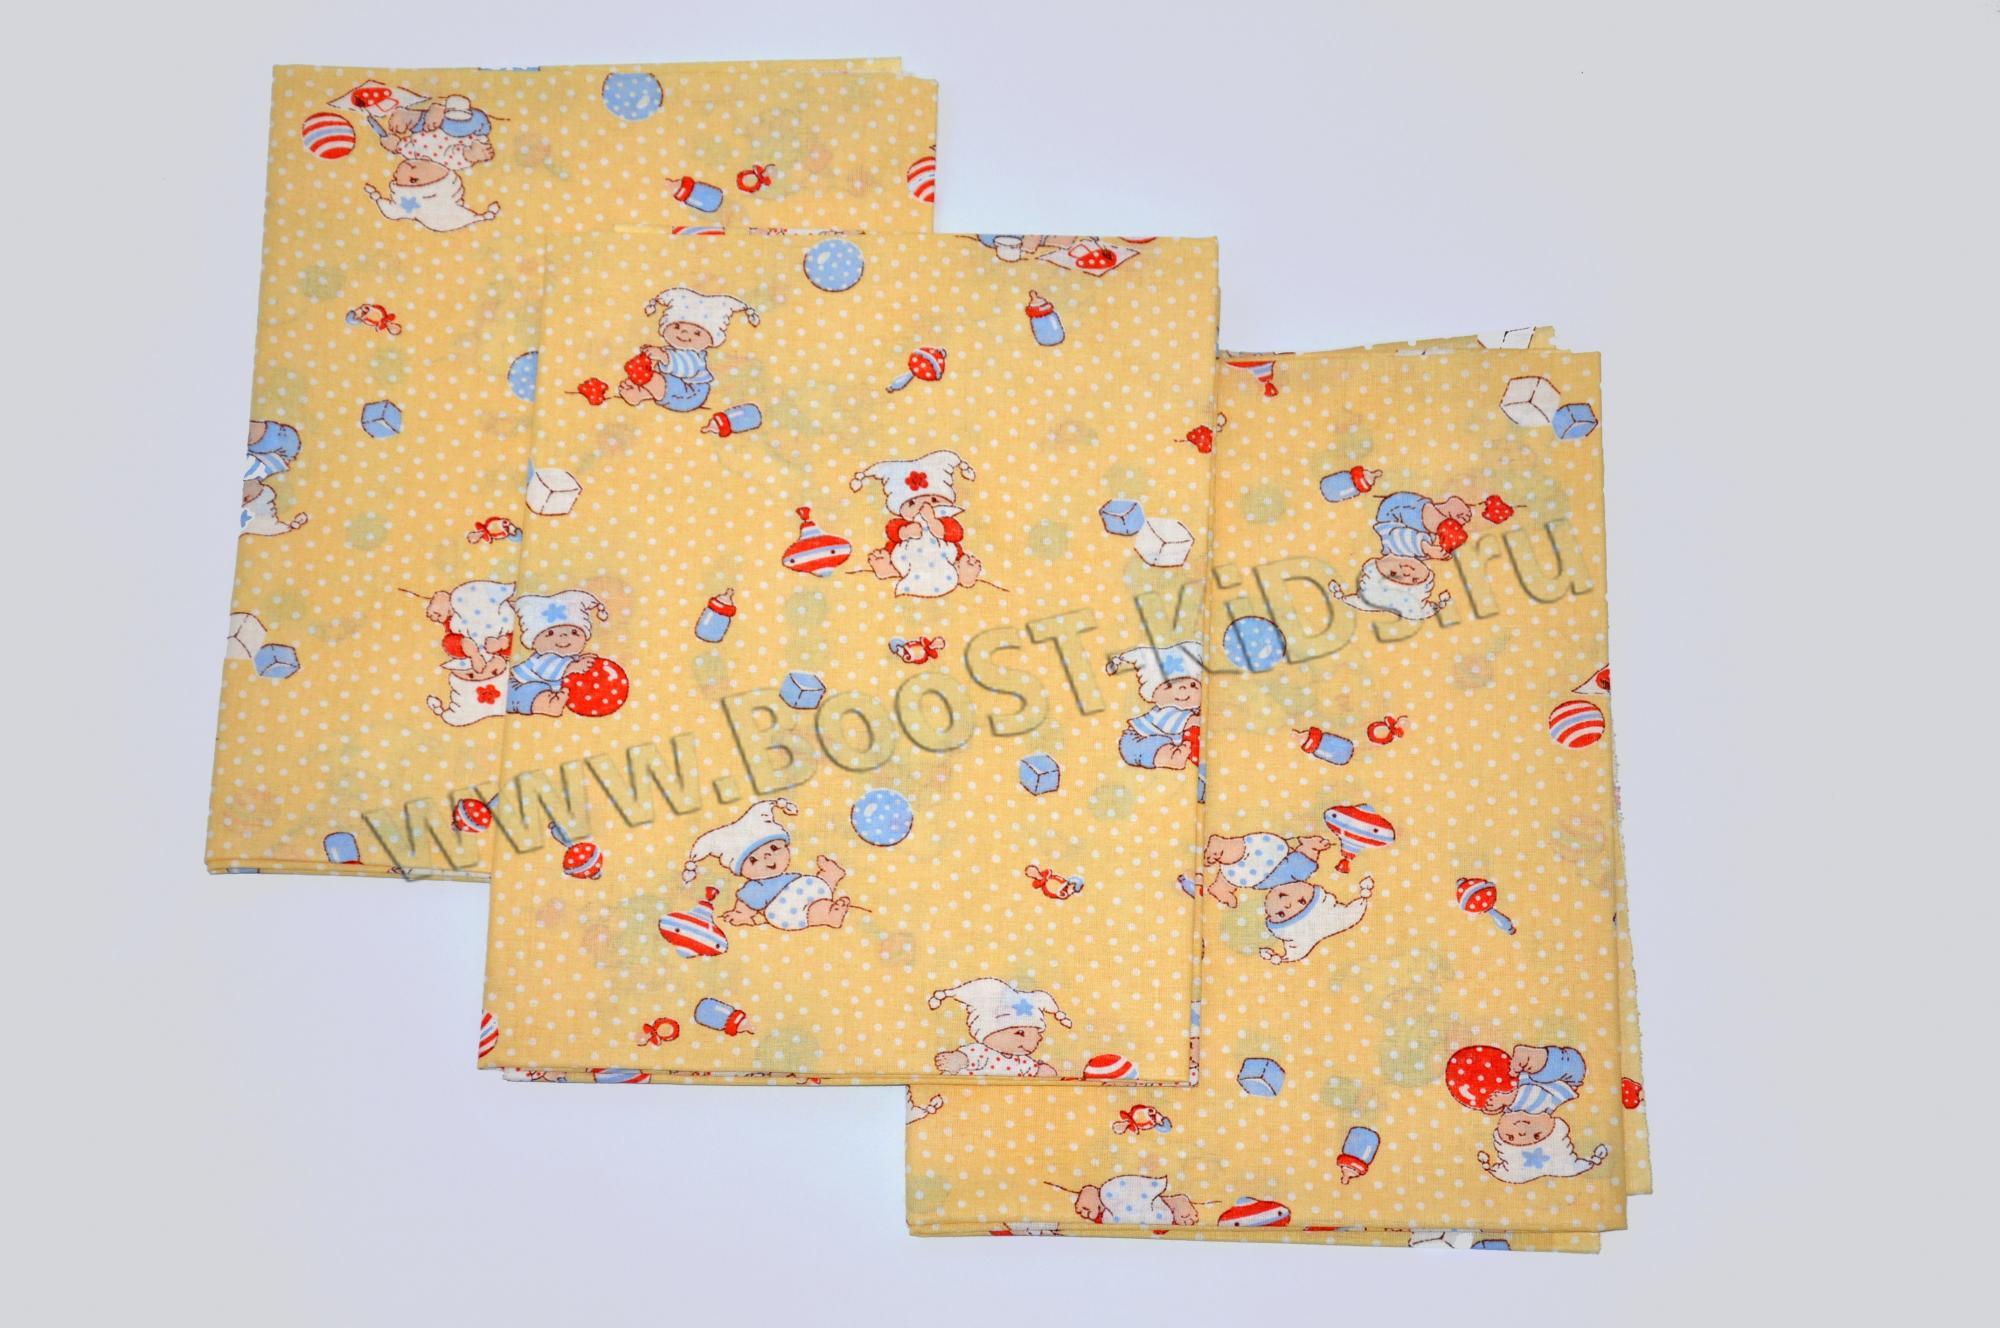 белья пеленки ситец и фланель красноярск популярностью функциональностью обладает